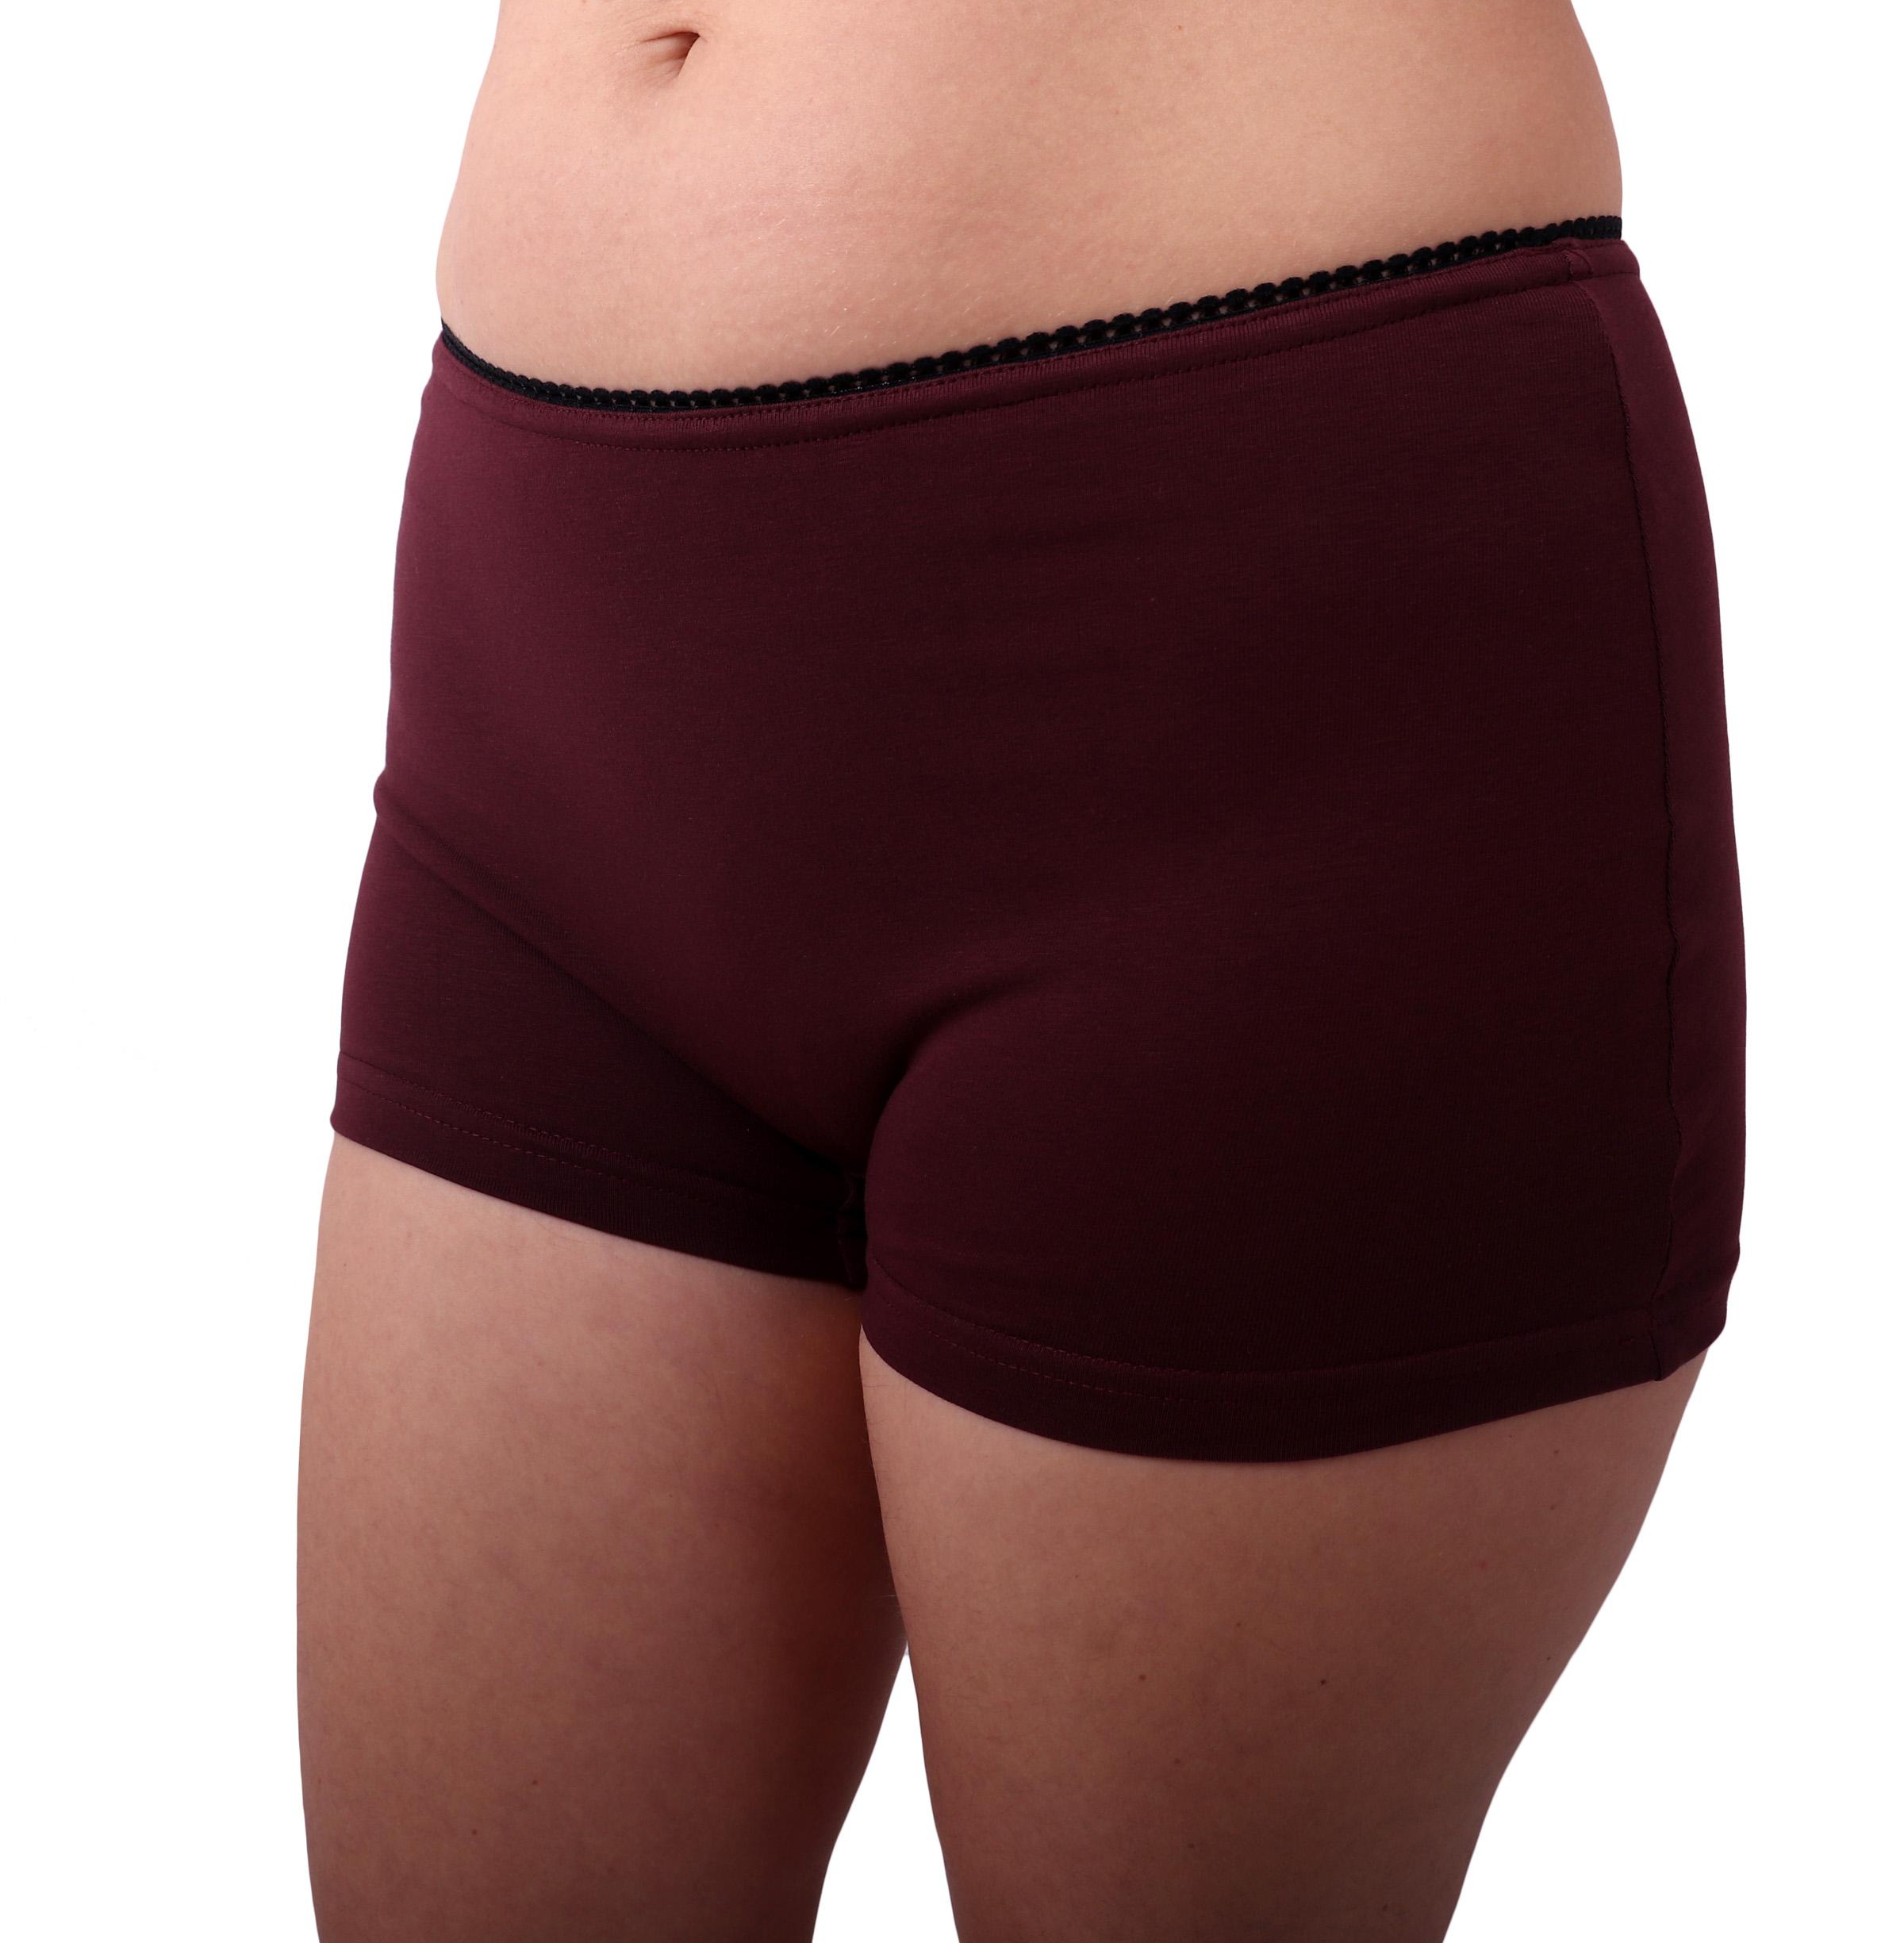 Dámské kalhotky bavlněné, nohavičkové, bordo, 42